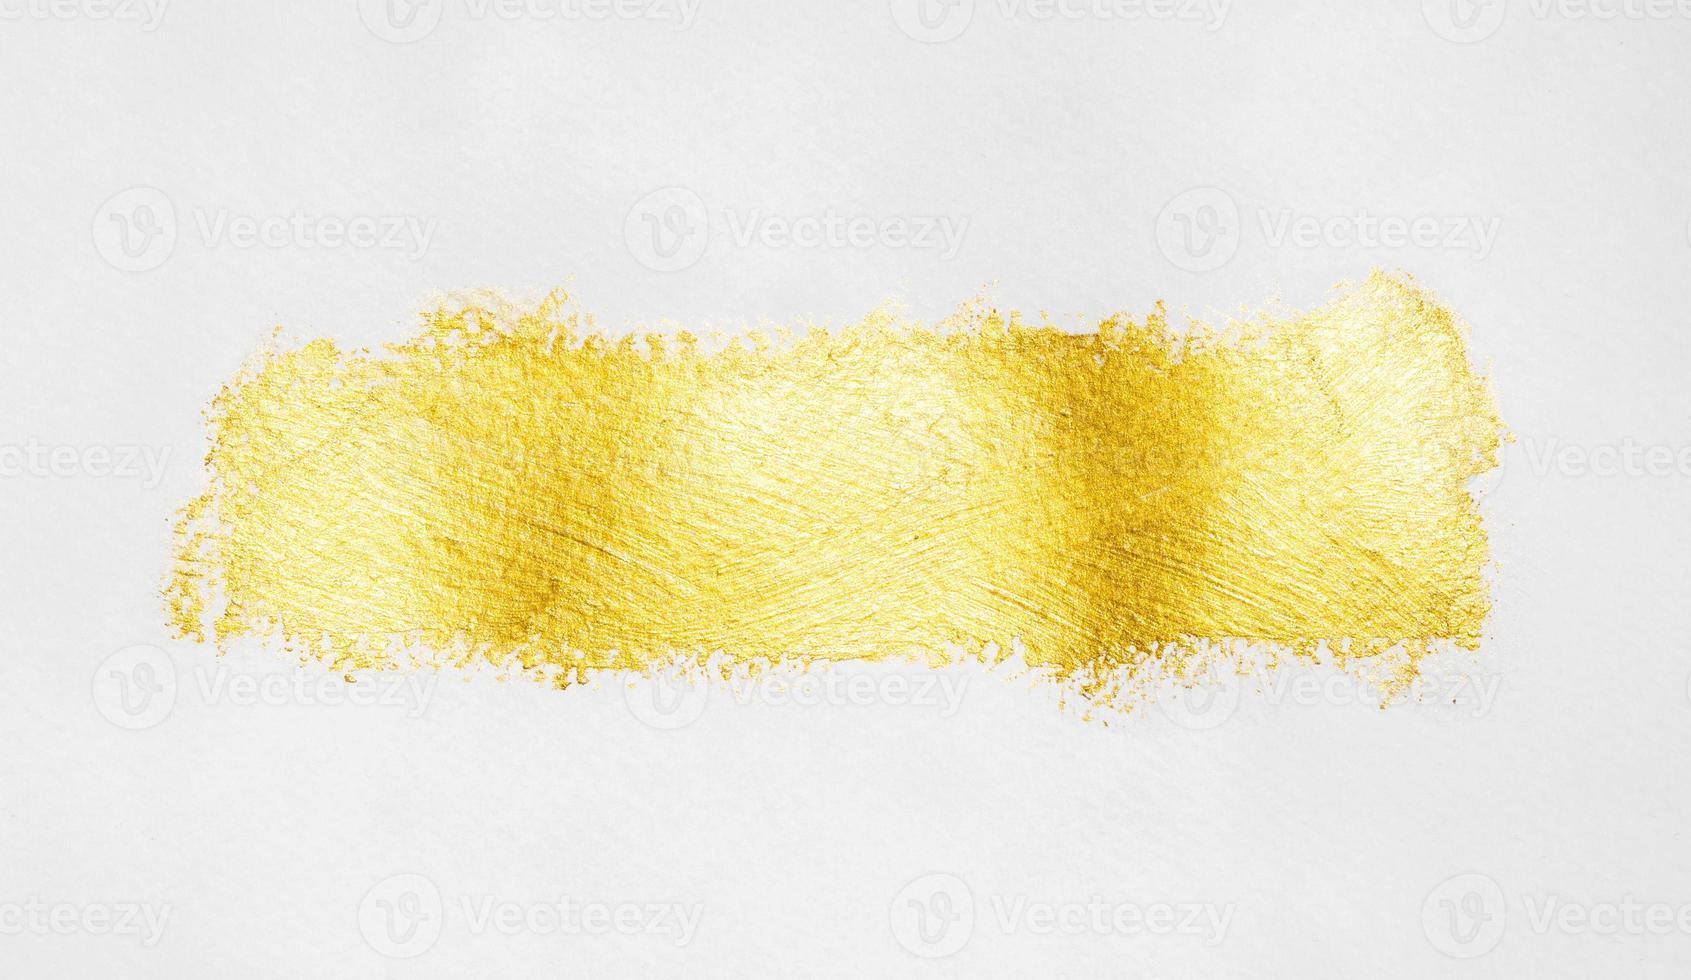 pincelada isolada de tinta dourada foto